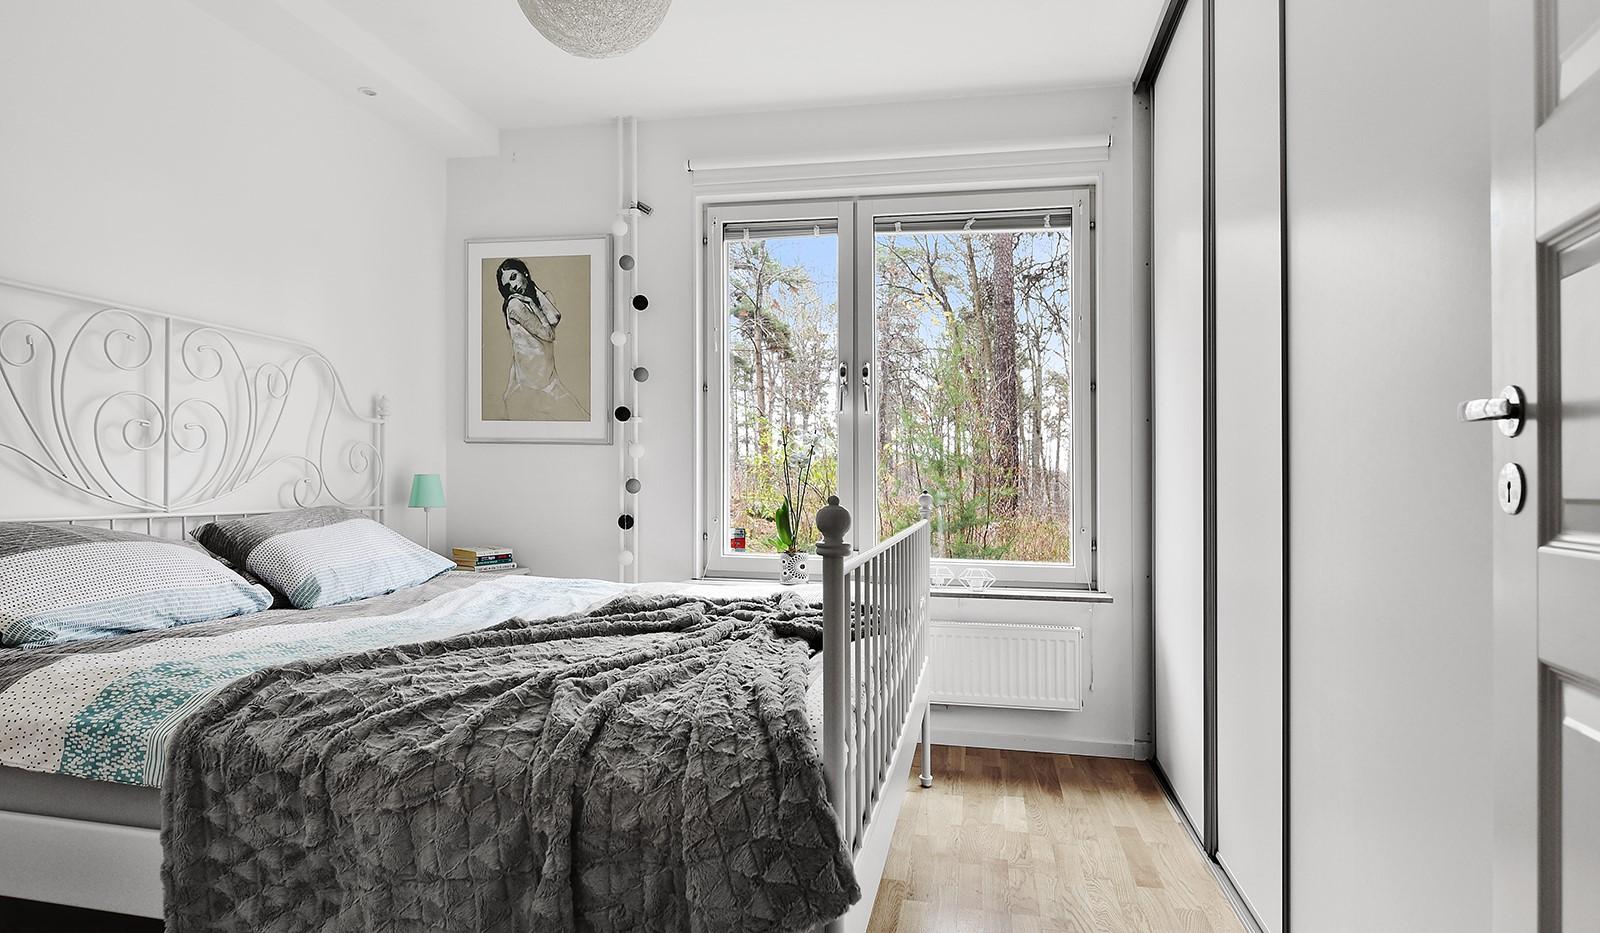 Sturehillsvägen 44, Entréplan - Master bedroom